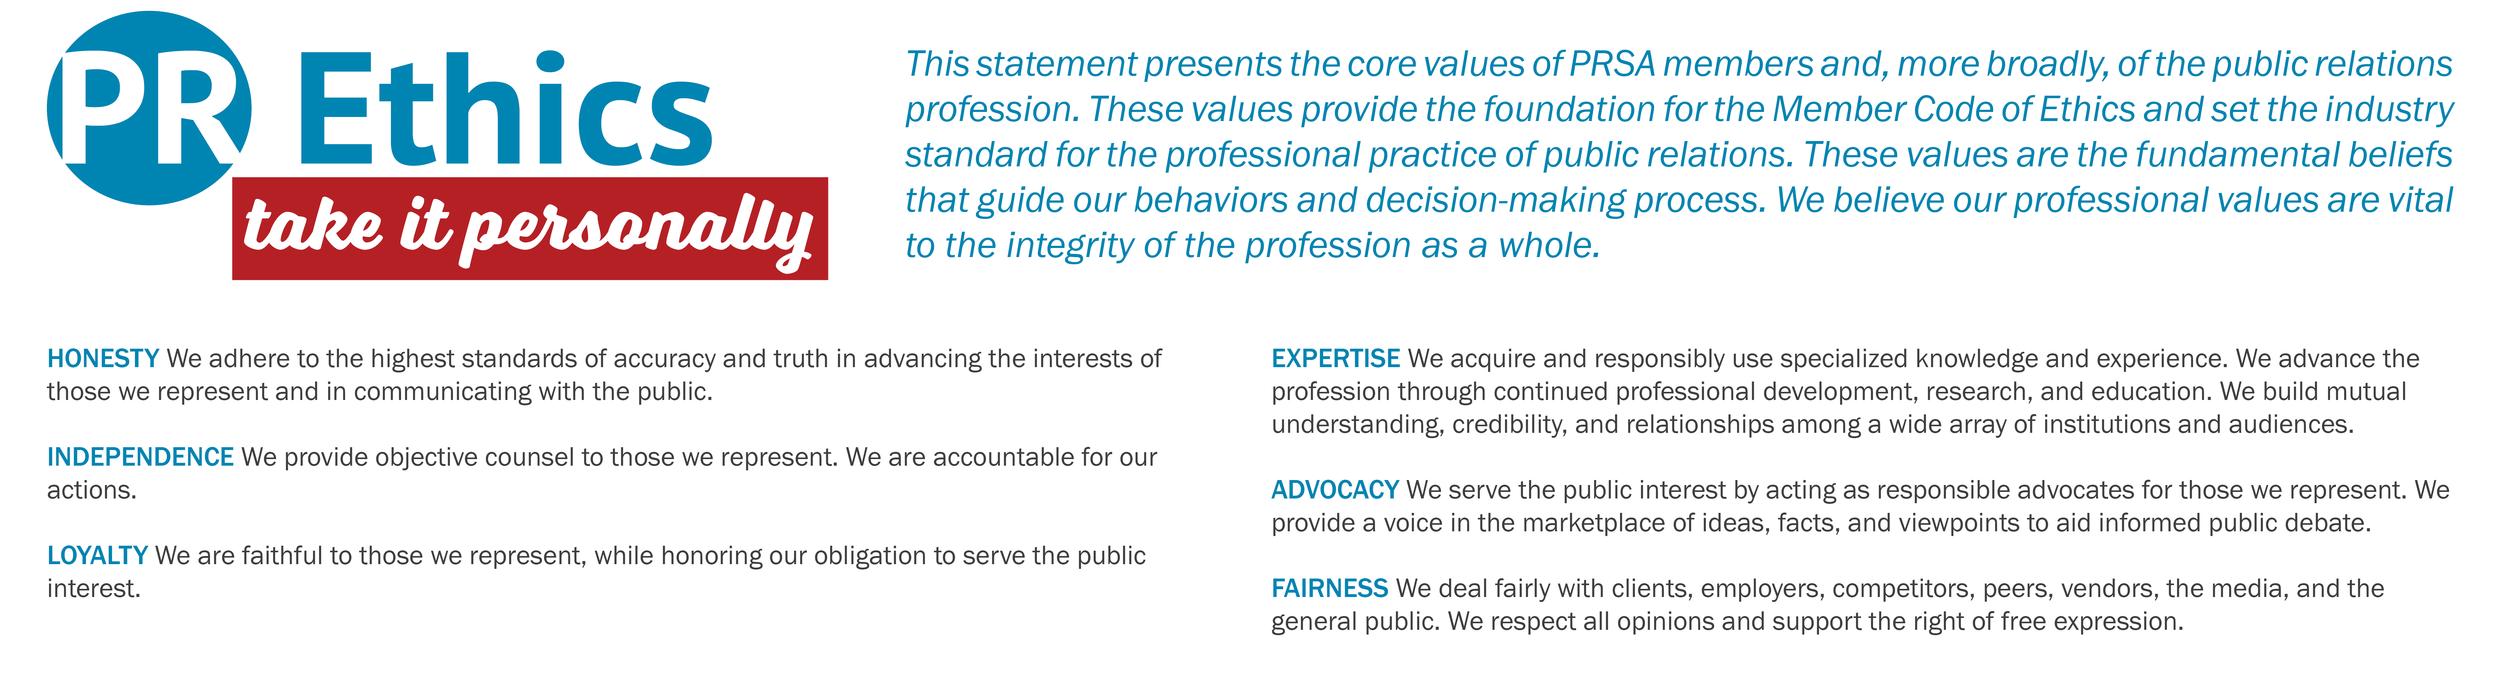 PRSA Code of Ethics2.png